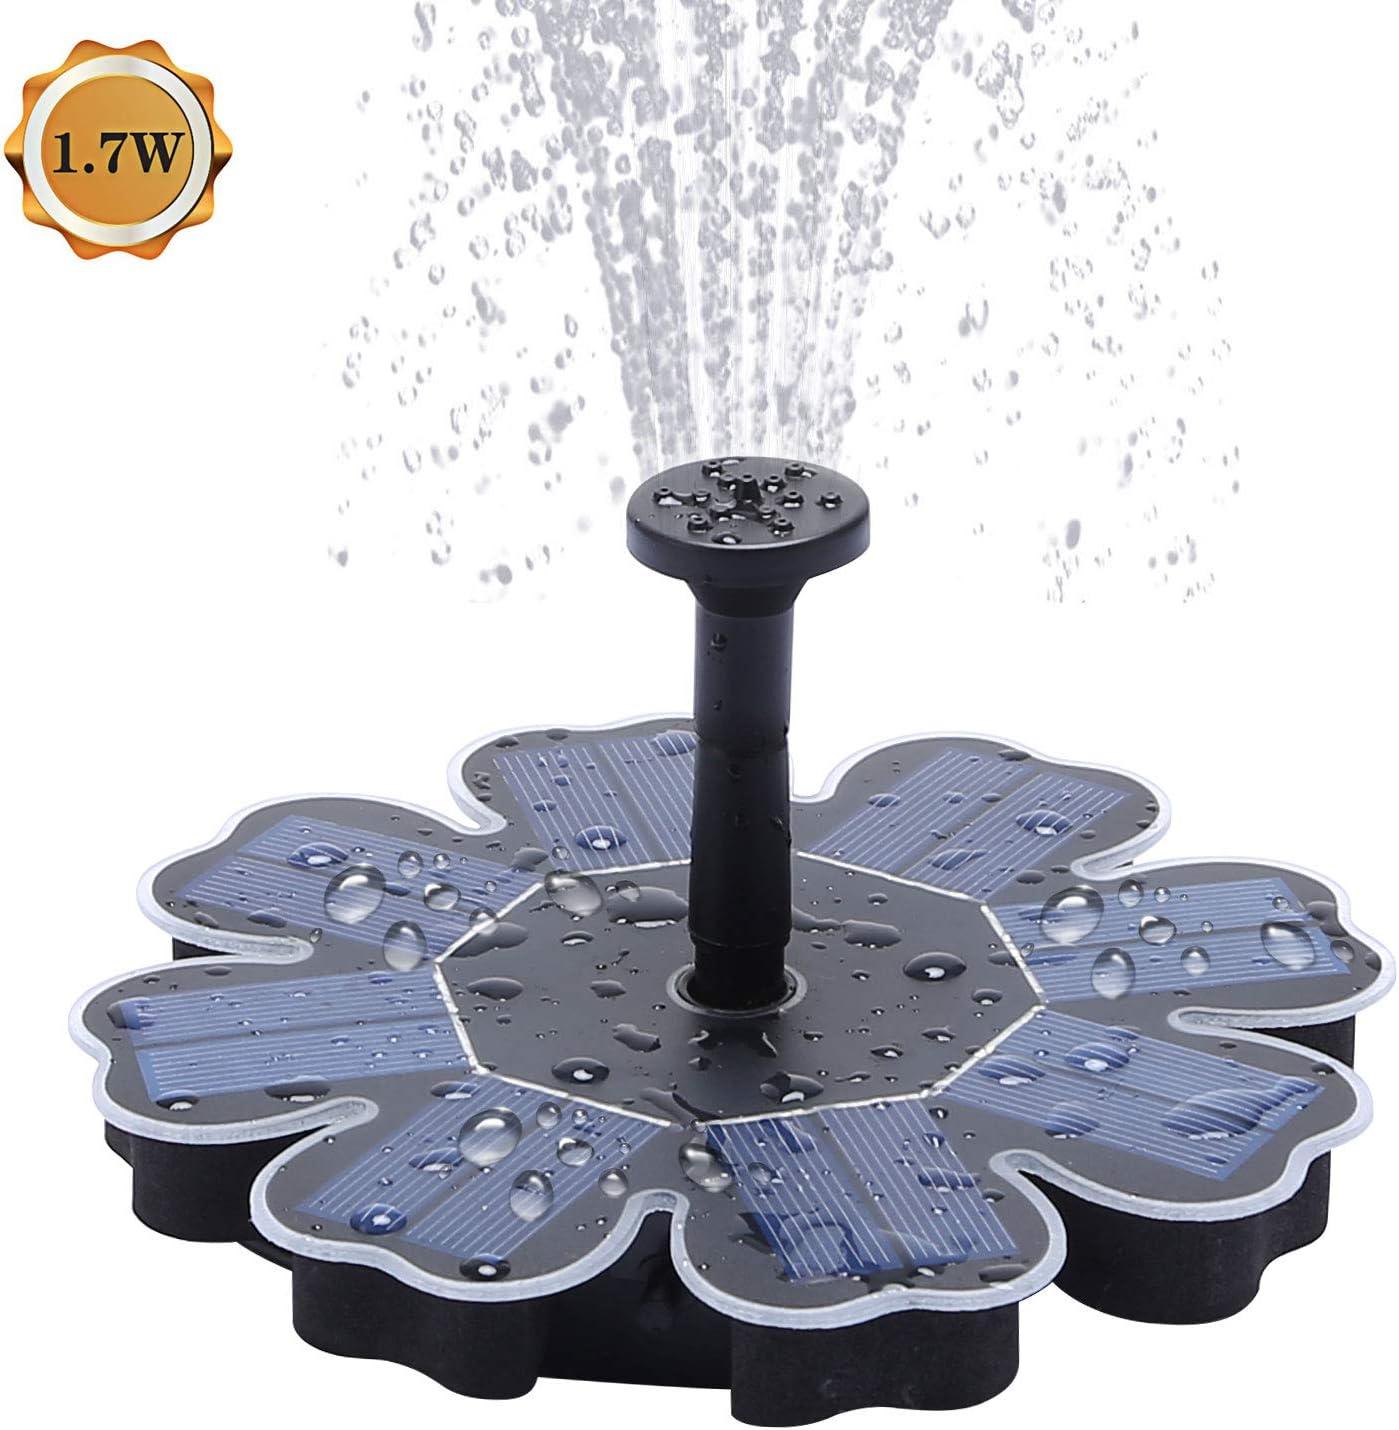 Solar Fountain Pump 1.7W Outdoor Solar Pond Pump for Bird Bath,Pool,4 Spray Solar Powered Garden Fountain Fountain